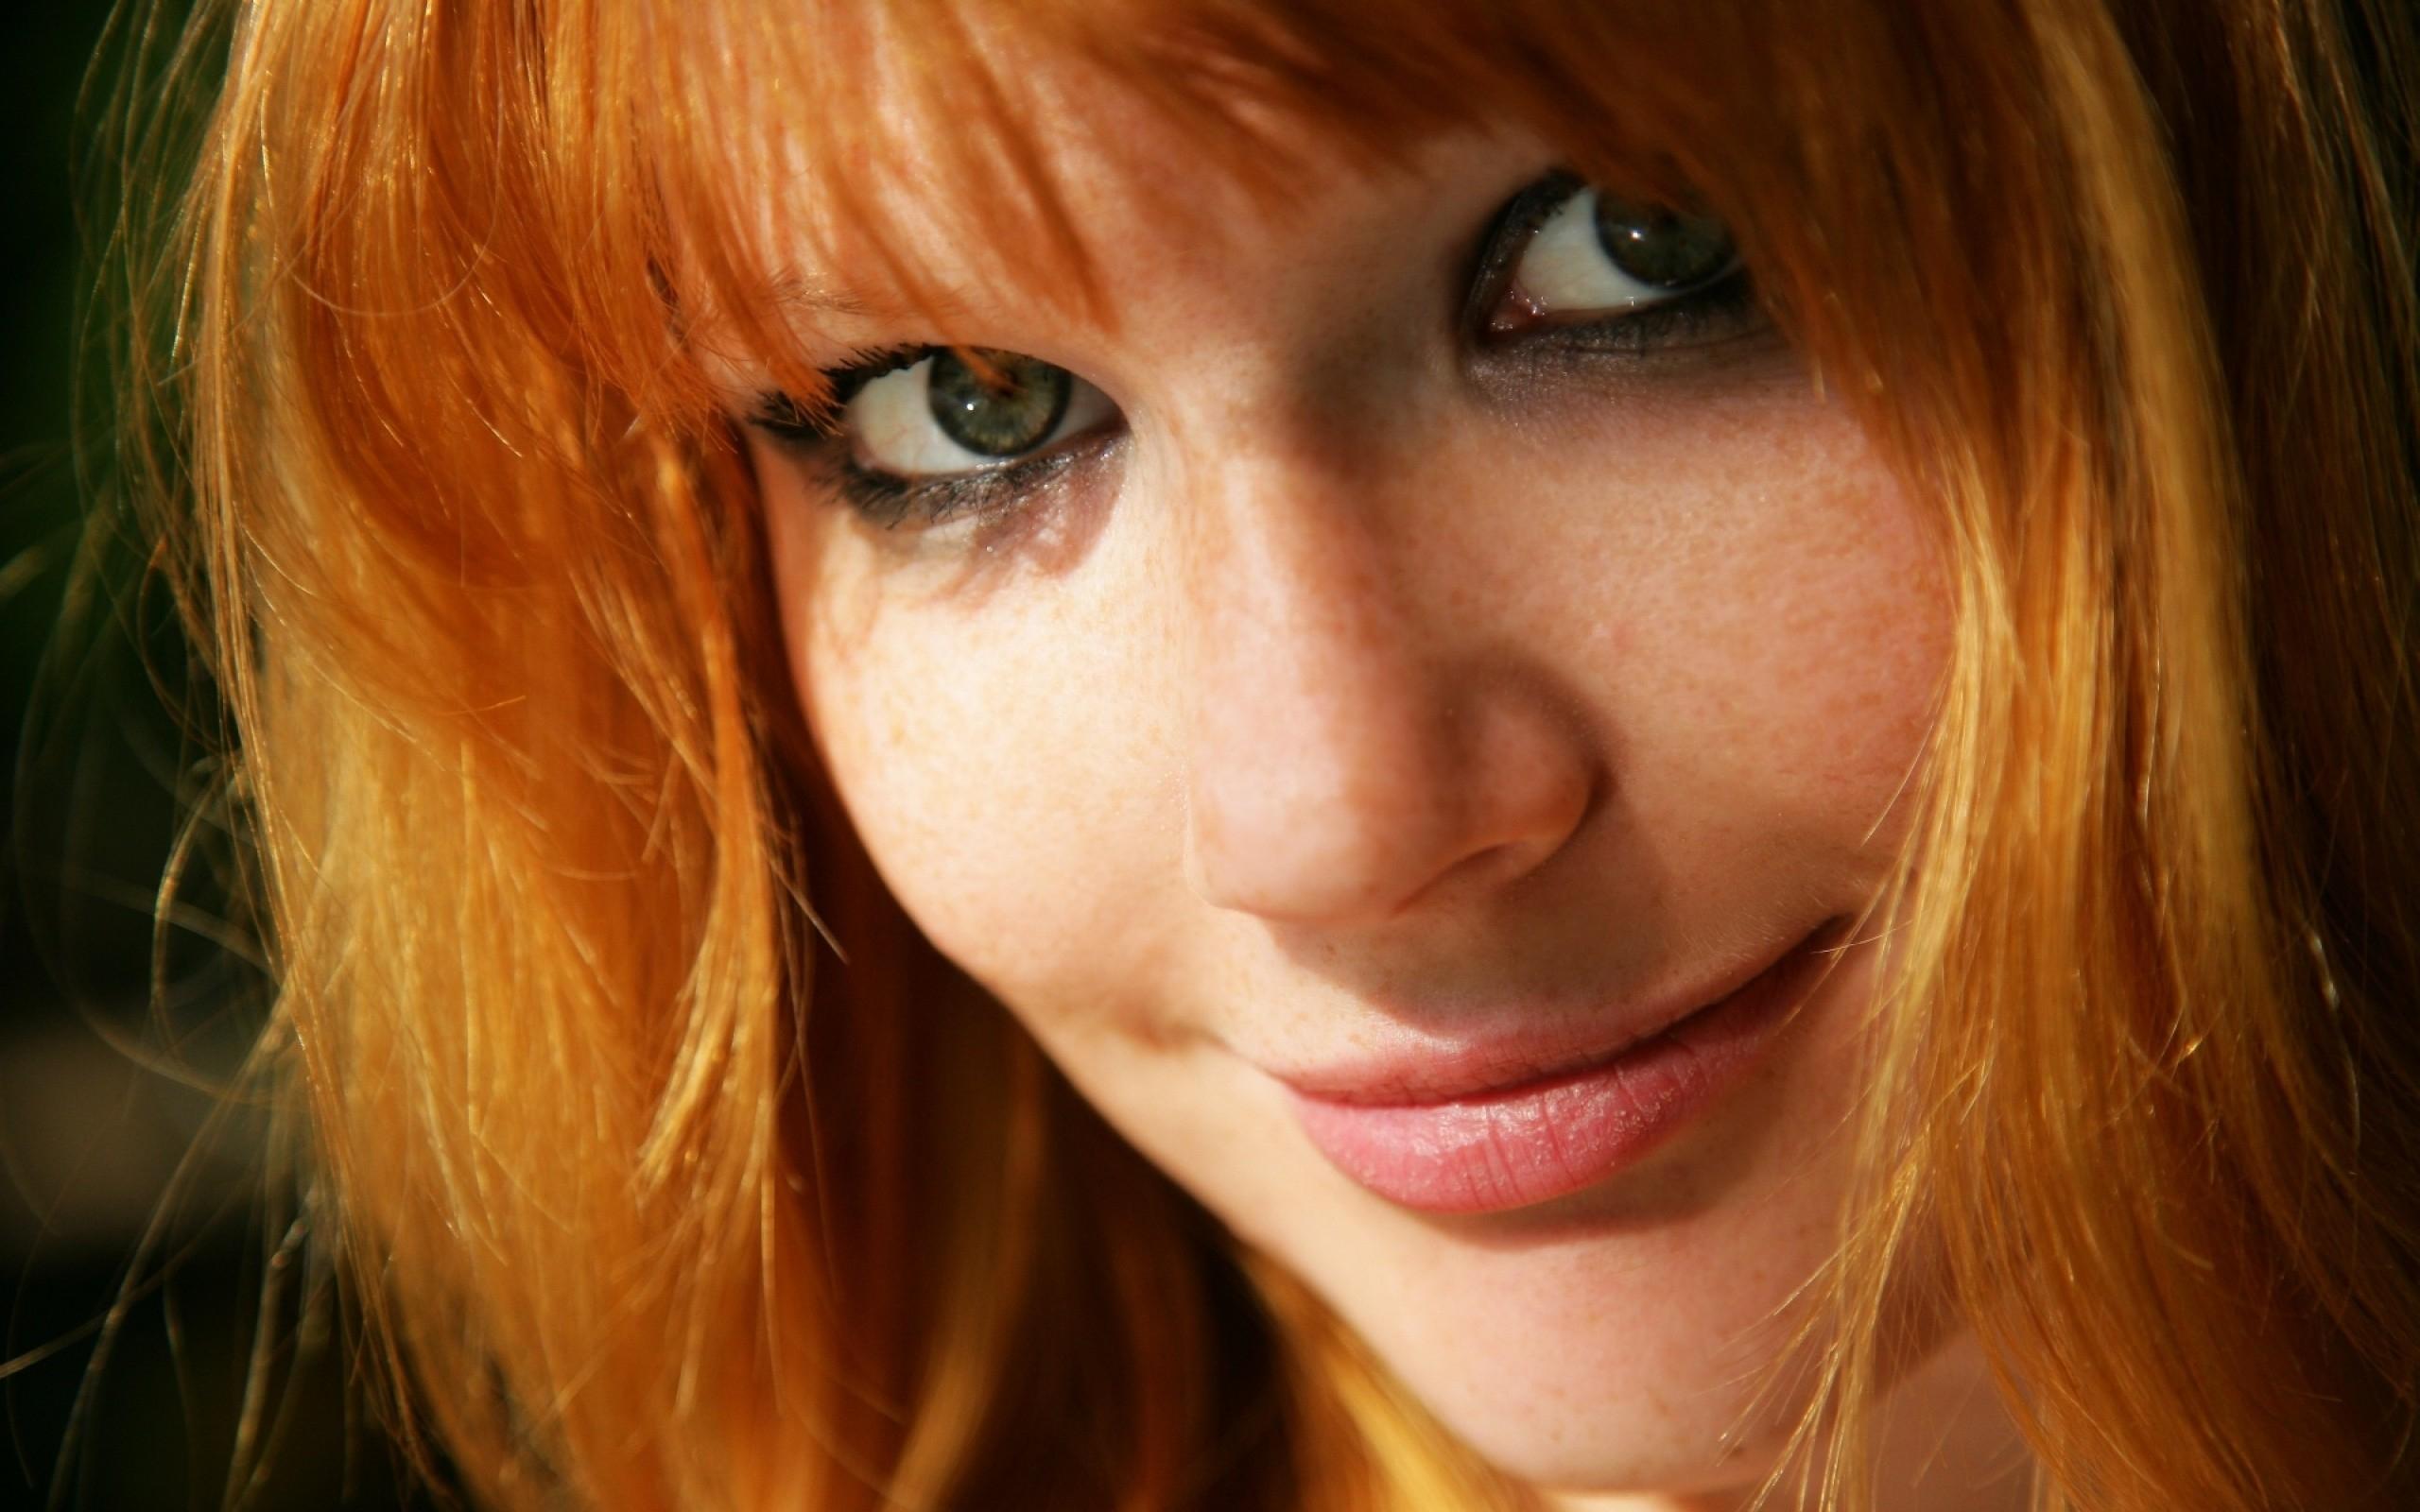 Auburn Hair Green Eyes Glasses